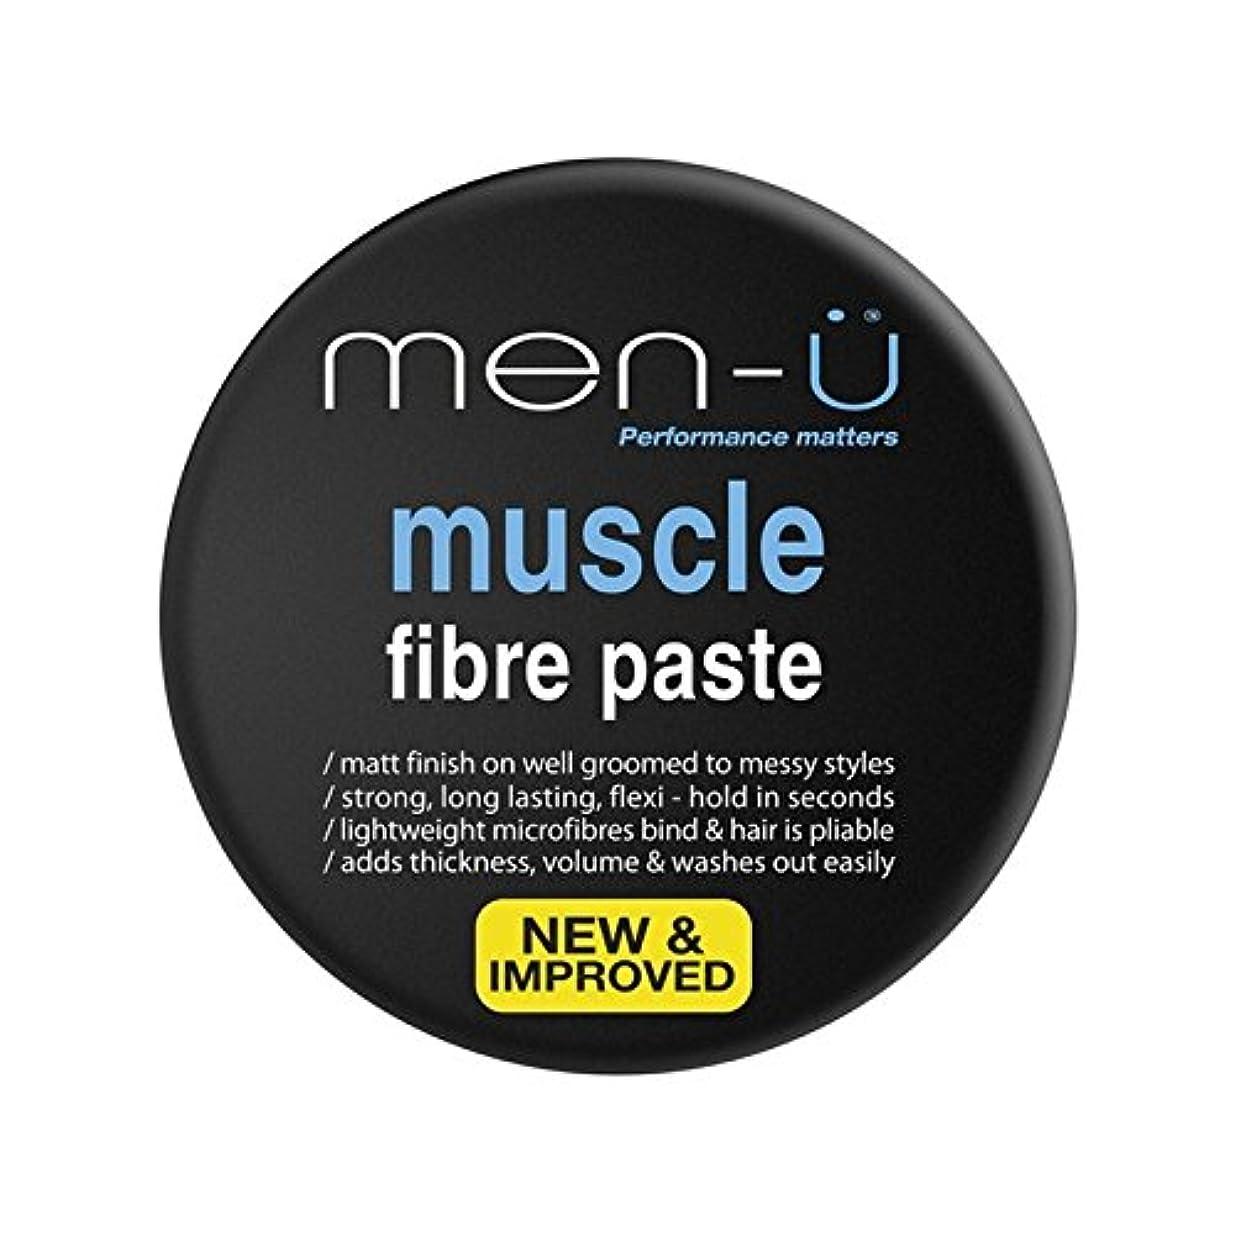 パースブラックボロウまばたき保証Men-? Muscle Fibre Paste (100ml) (Pack of 6) - 男性-?筋線維ペースト(100ミリリットル) x6 [並行輸入品]